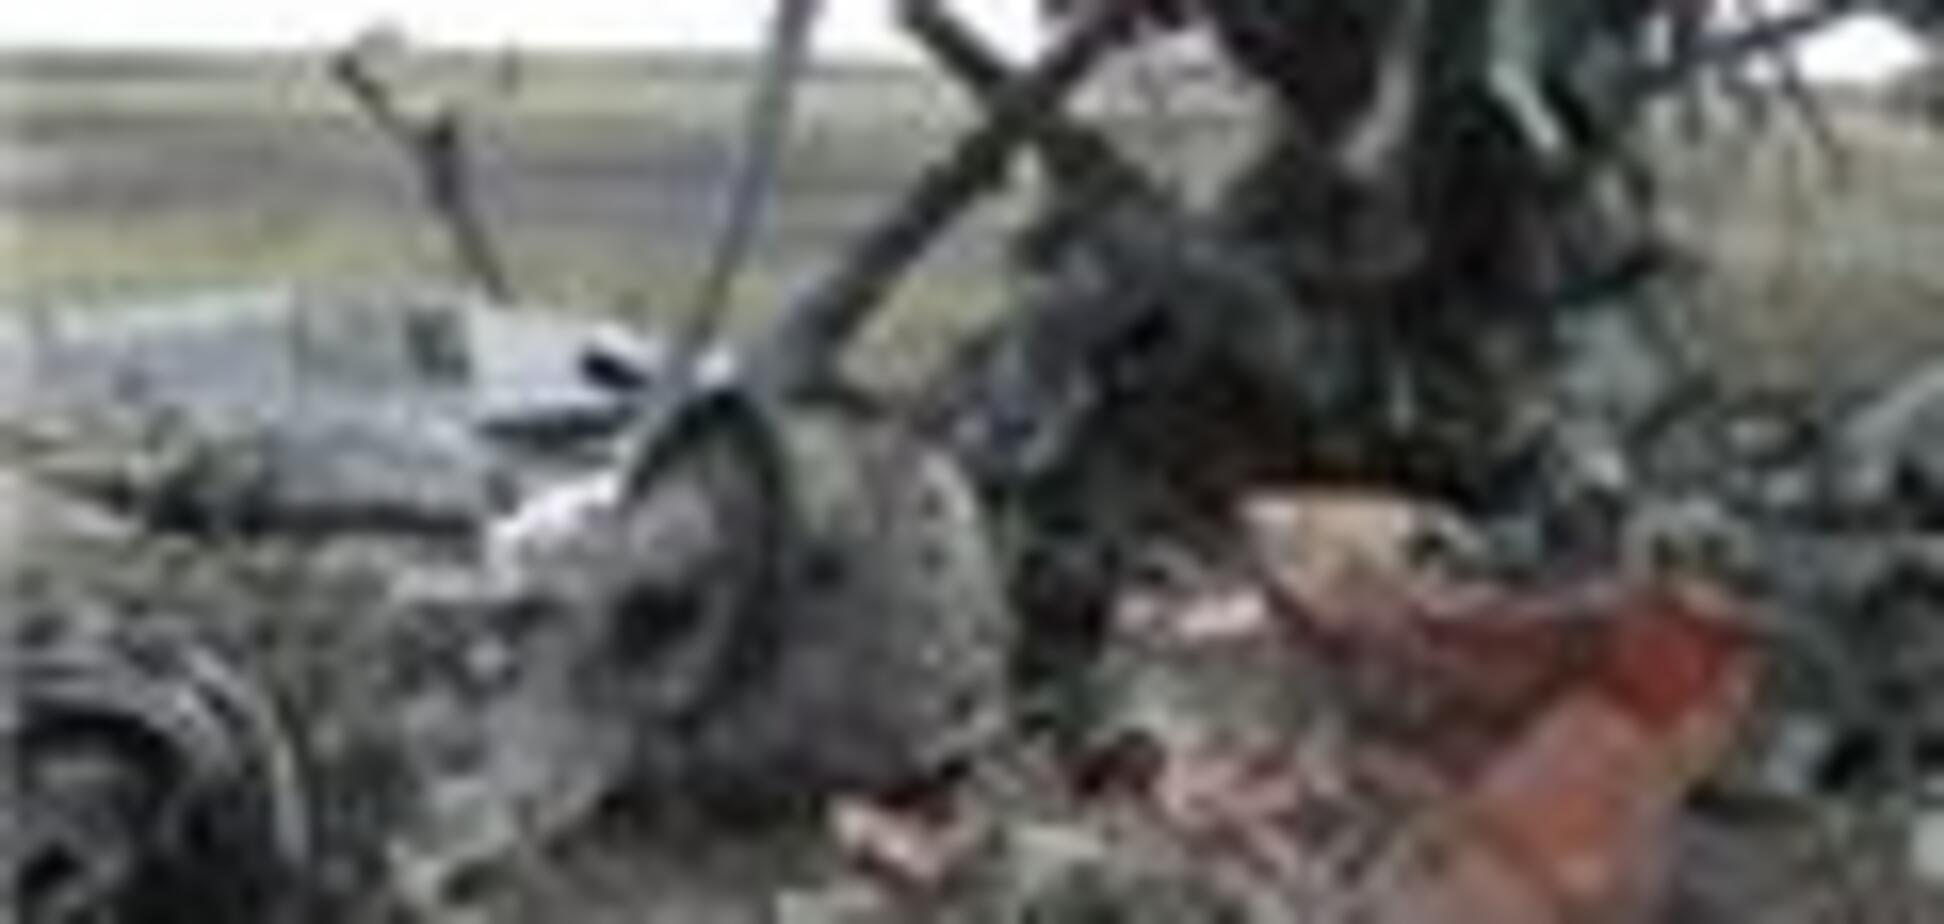 Розбився вертоліт ООН. Десяток жертв